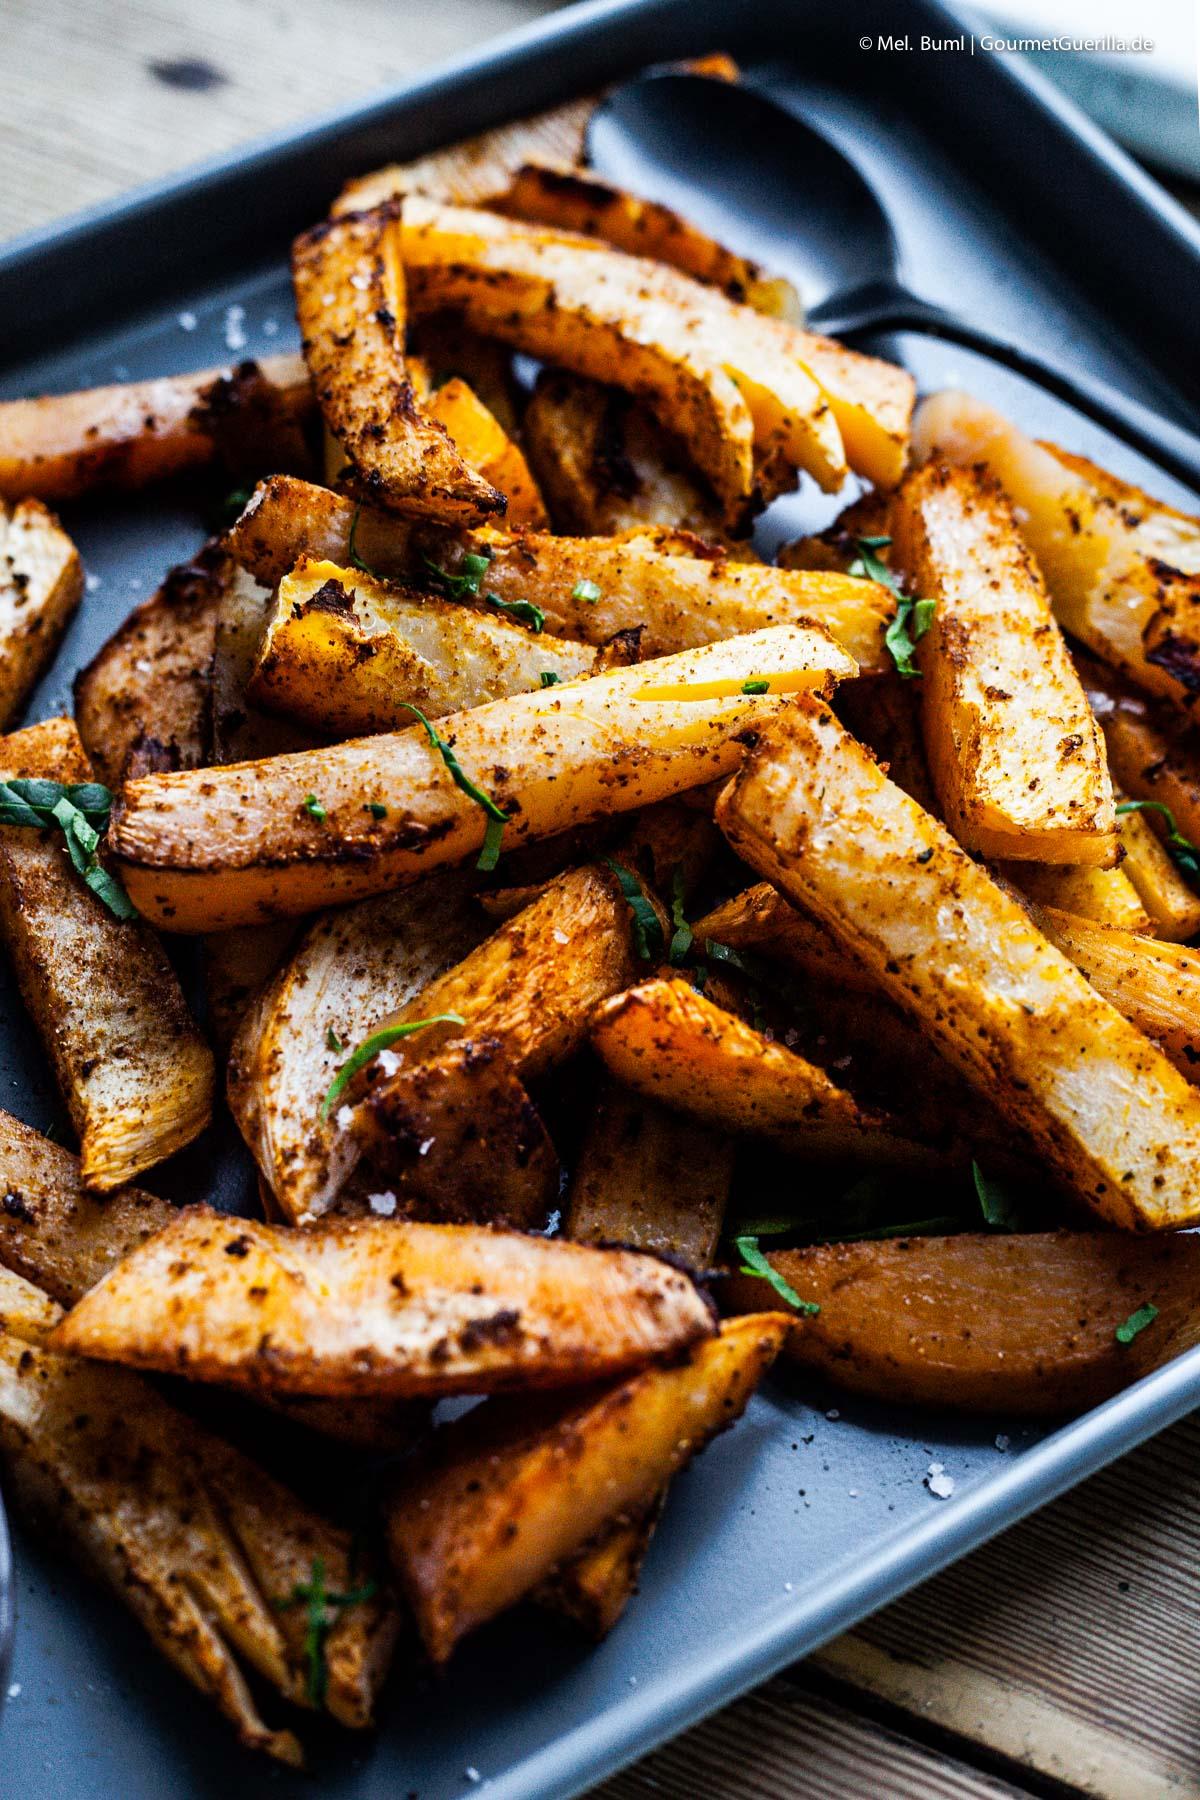 Chunky Steckrübe vom Blech - so low carb und so einfach |GourmetGuerilla.de